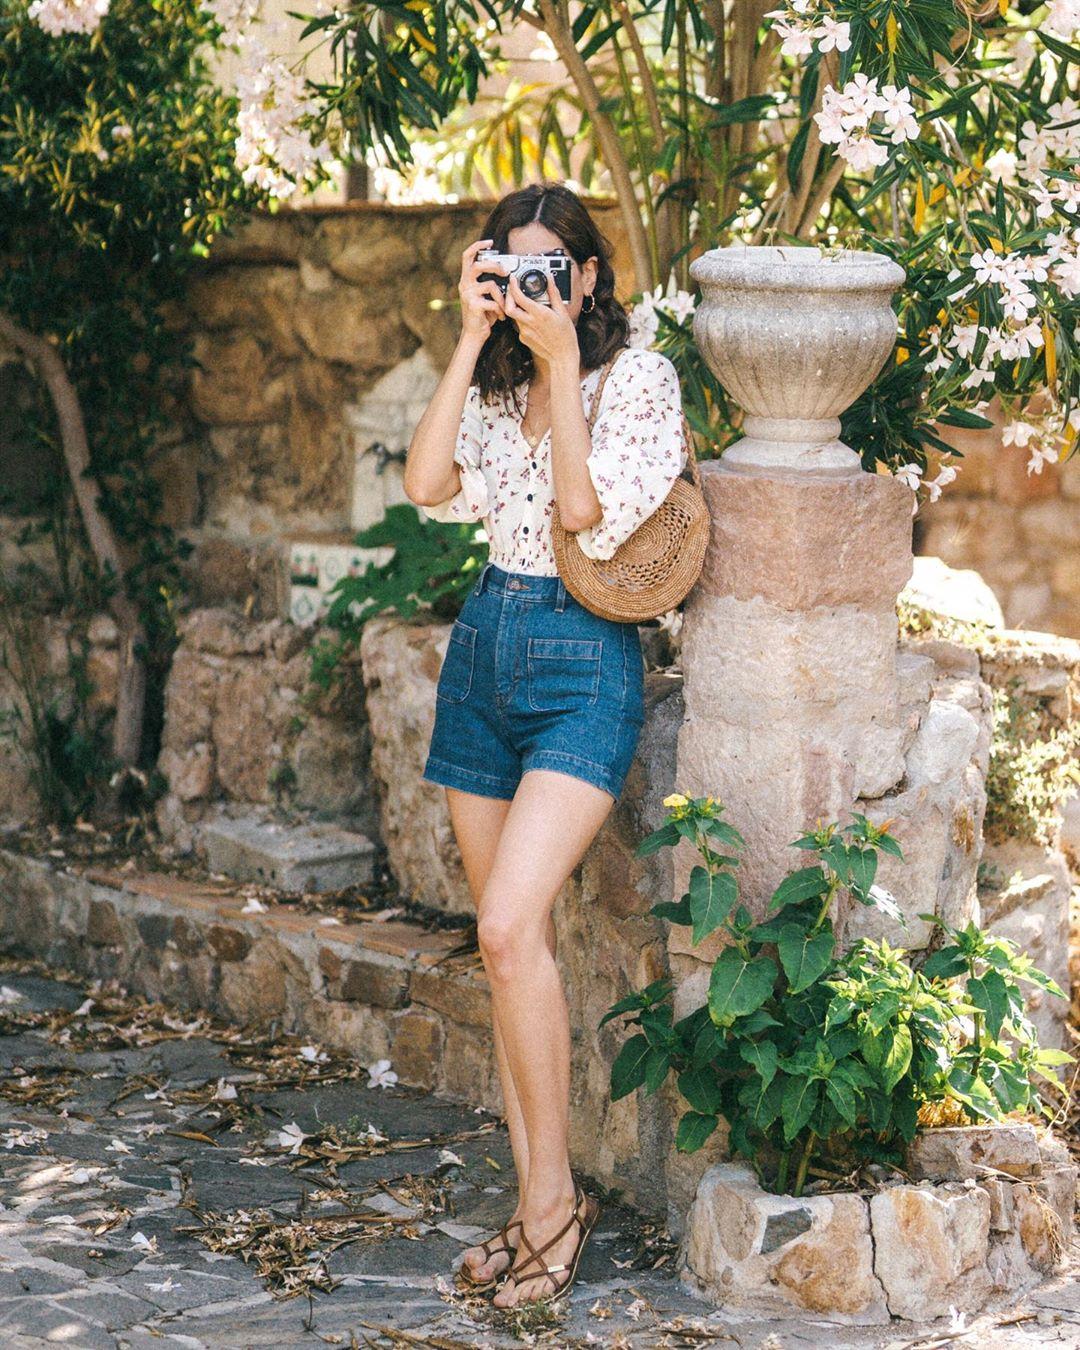 giày sandals xỏ ngón quần shorts denim túi cói áo hoa mùa hè